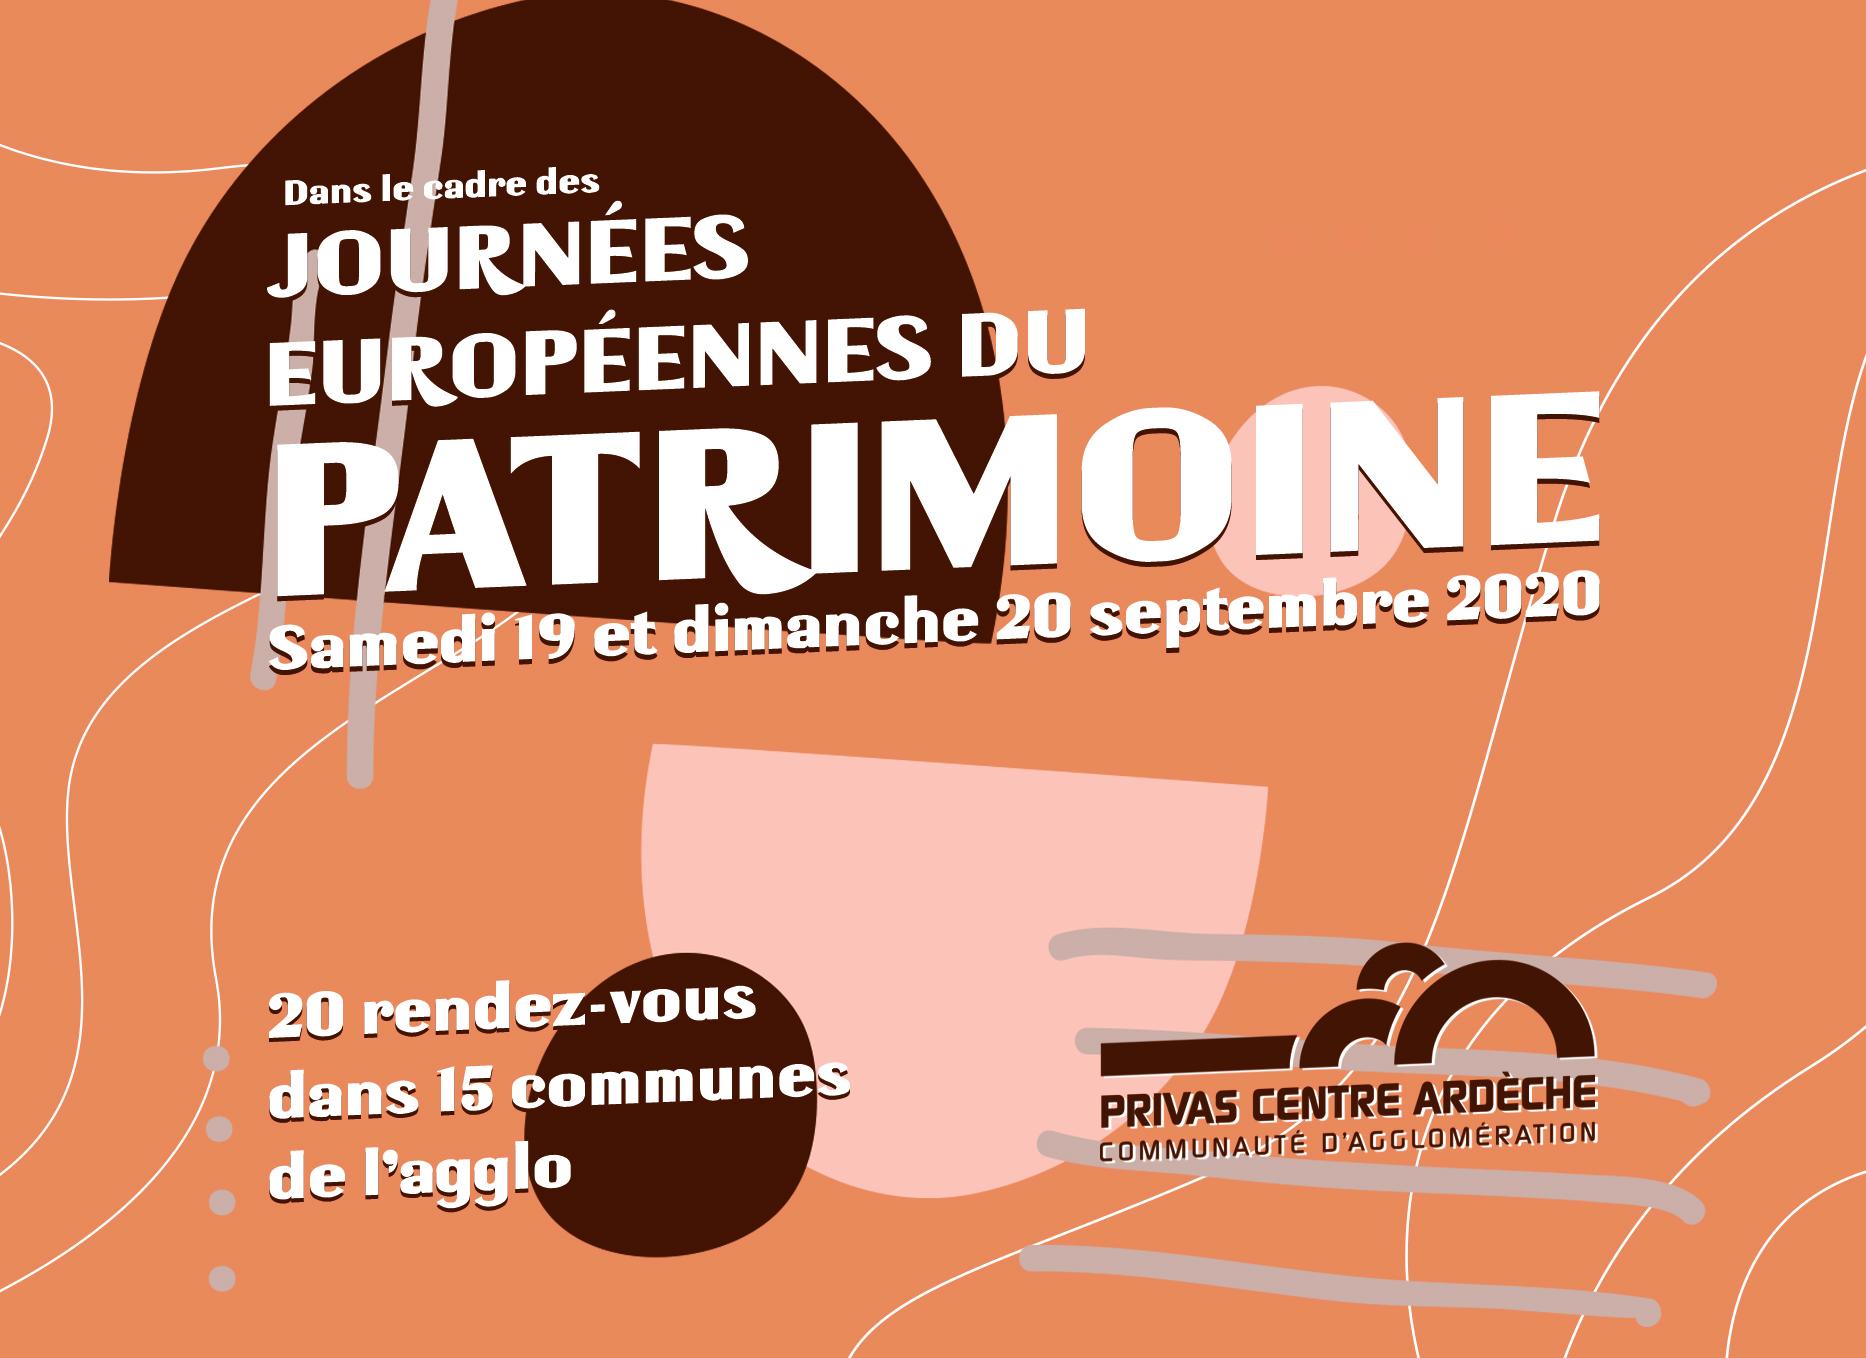 Alle leuke evenementen! : Journées Européennes du Patrimoine en Ardèche Buissonnière